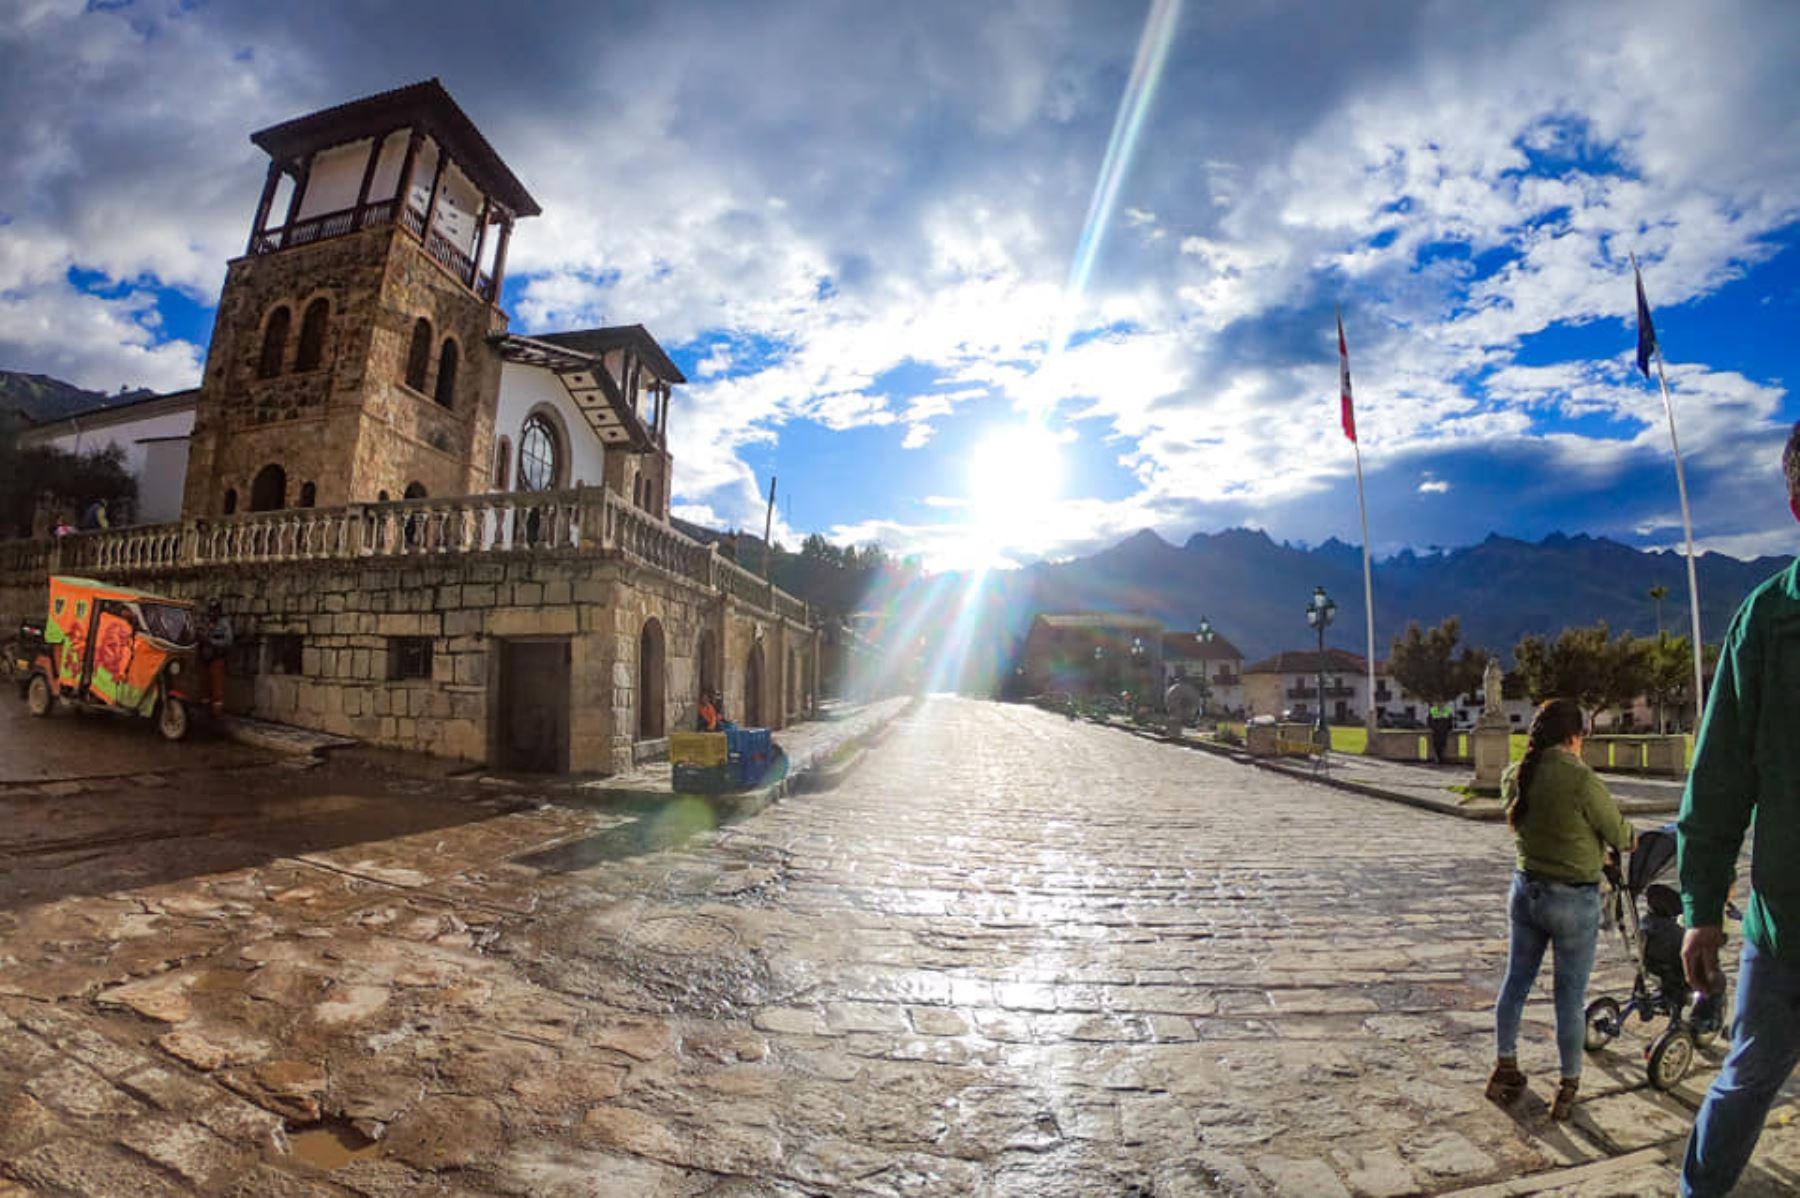 El distrito de Chacas, en la sierra de Áncash, es el lugar perfecto para combinar las actividades religiosas, el turismo y la artesanía. Foto: ANDINA/Gonzalo Horna